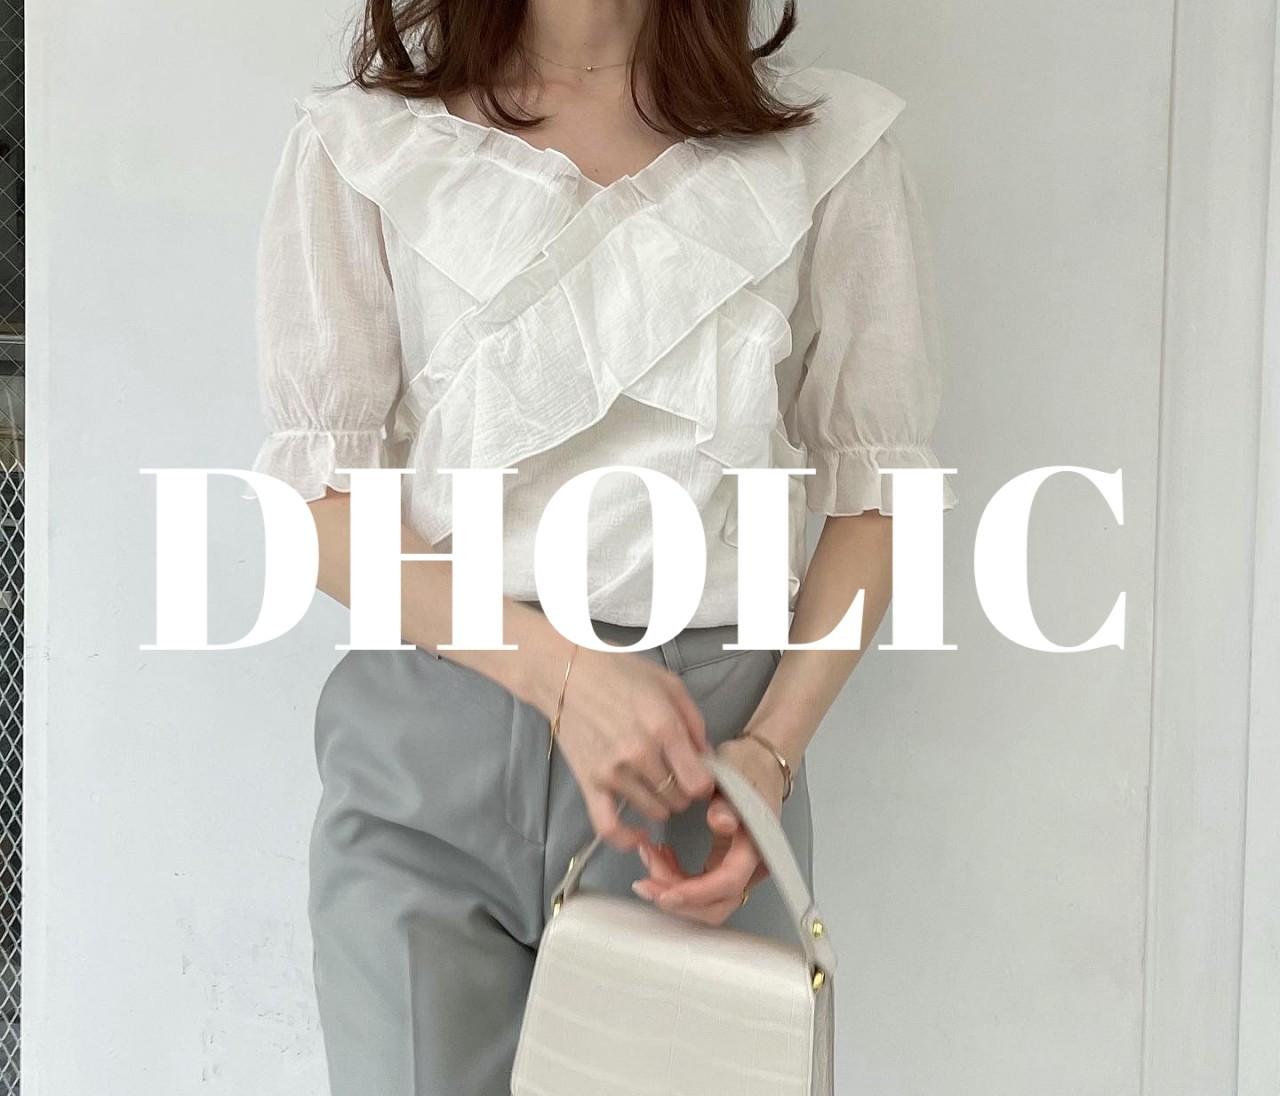 【DHOLIC】高レビュー2300円の美シルエットパンツ♡